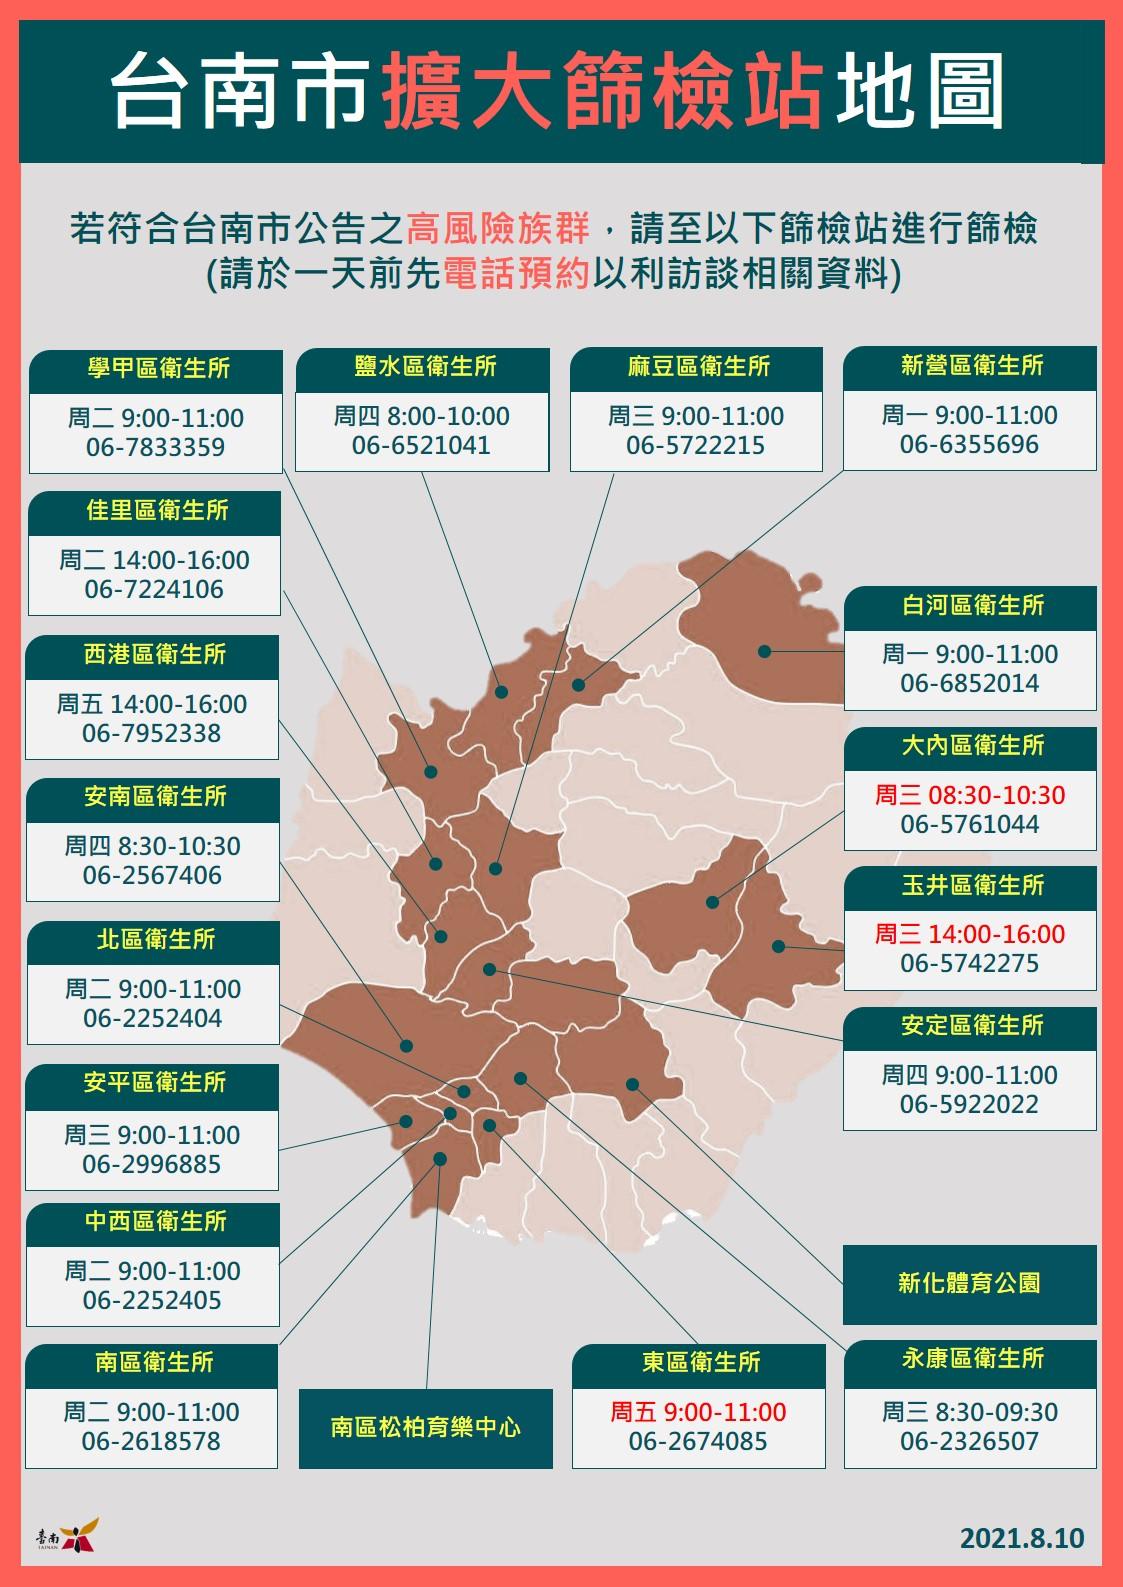 1100810臺南市擴大篩檢站地圖